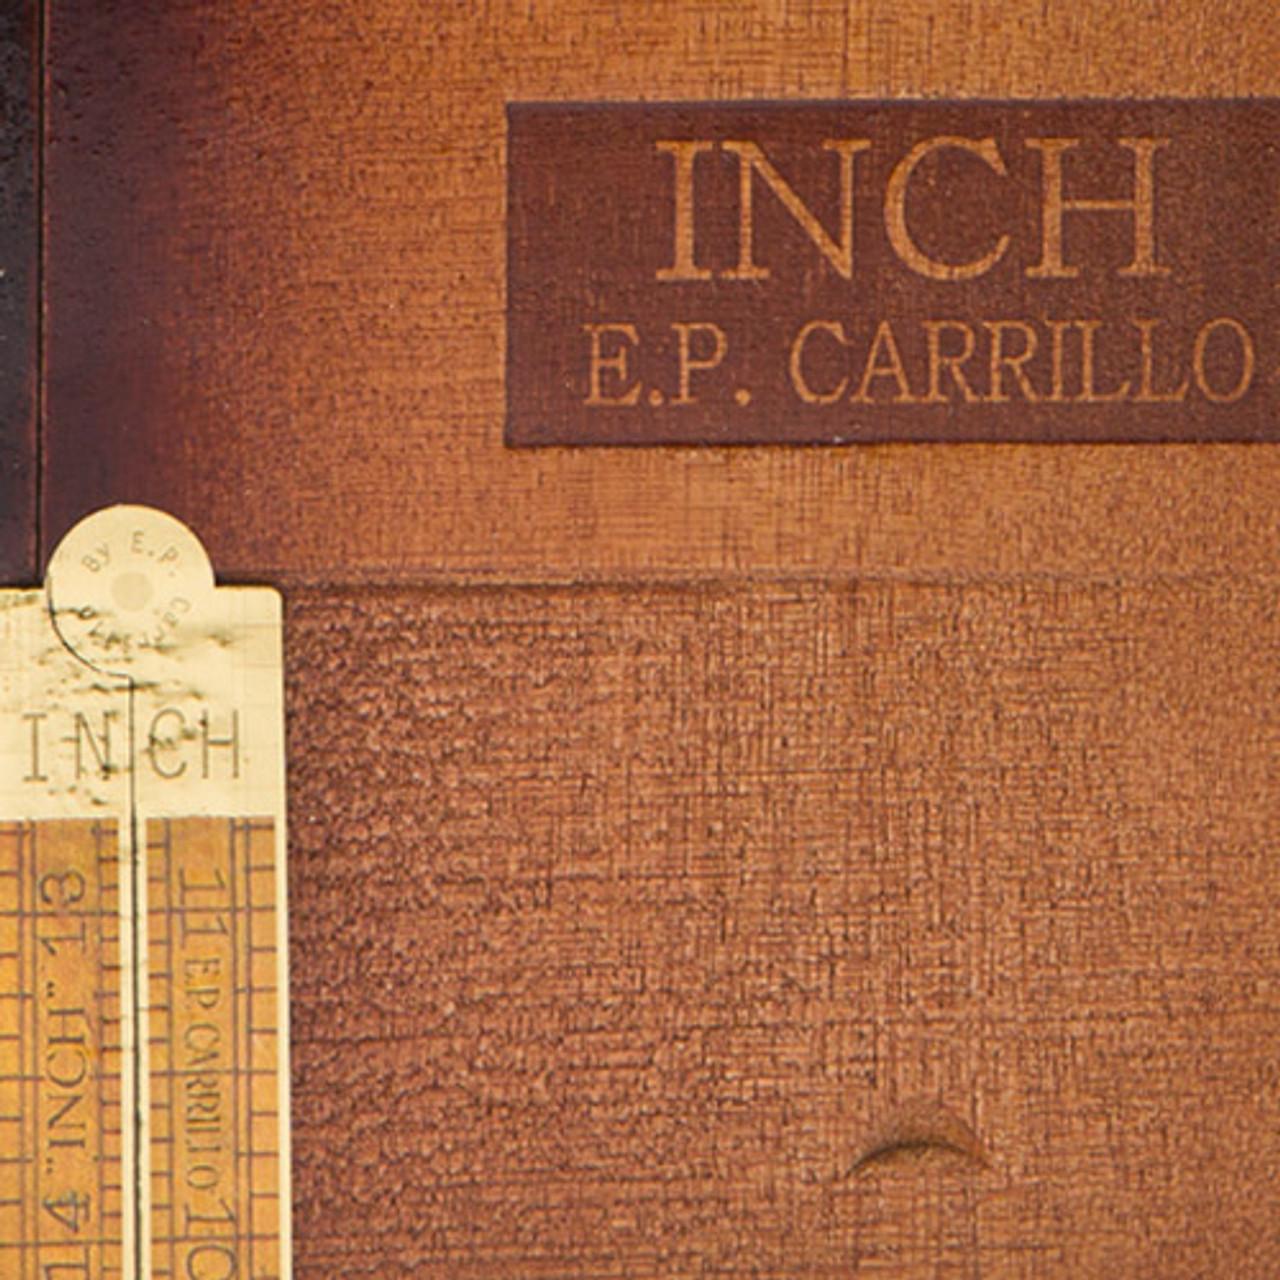 INCH Maduro by E.P. Carrillo No. 64 Cigars - 6.12 x 64 (Box of 24)